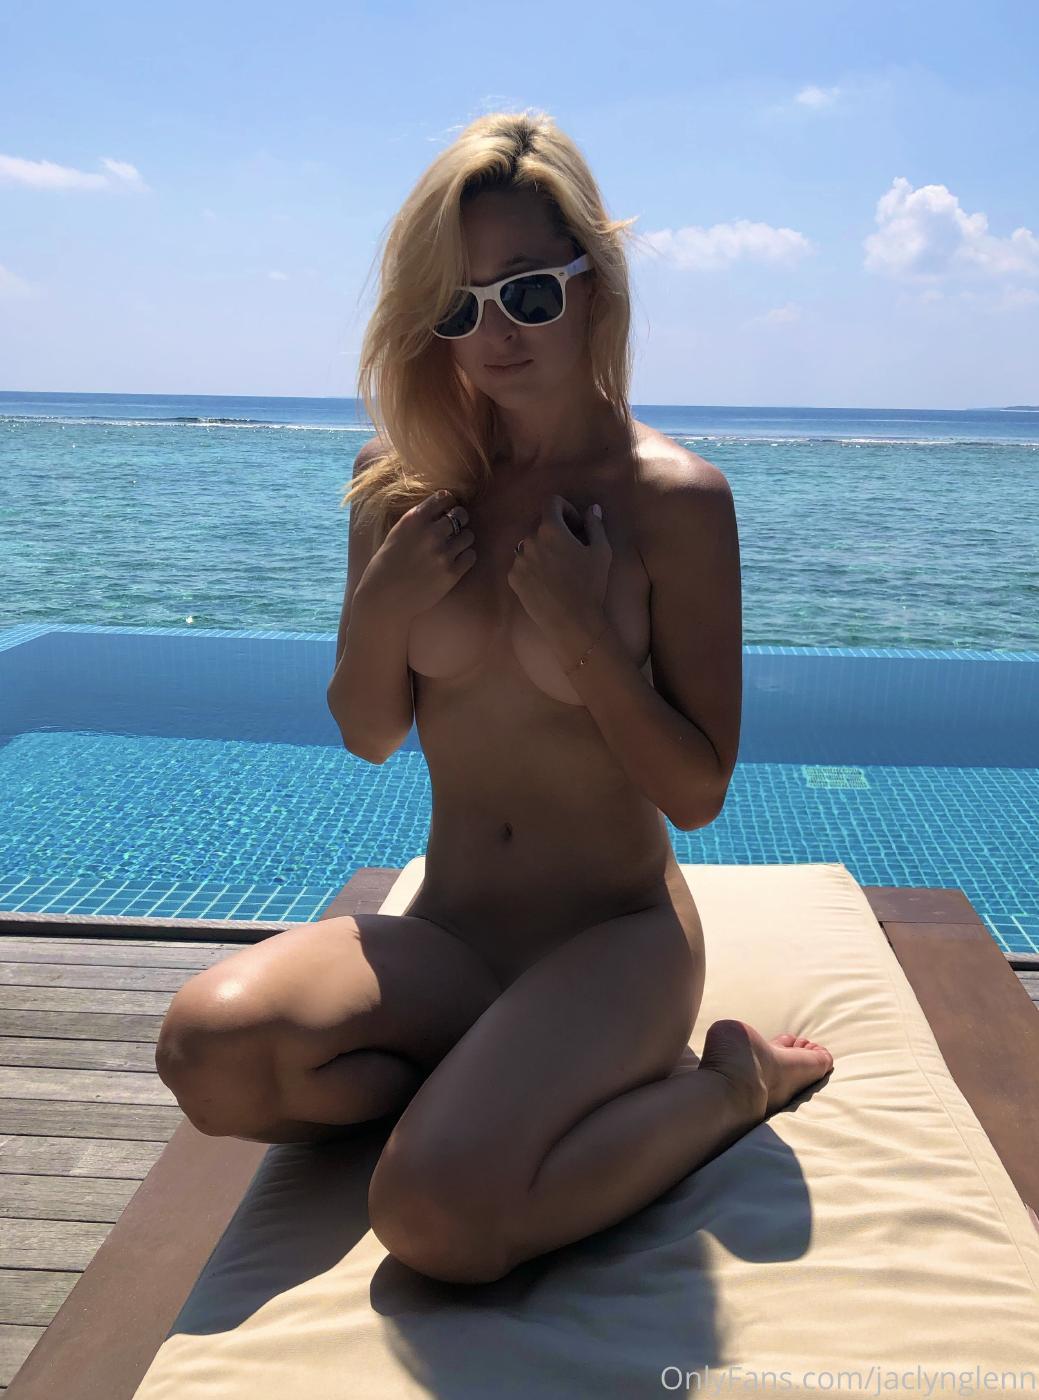 Jaclyn Glenn Nude Bikini Onlyfans Set Leaked Govrmz